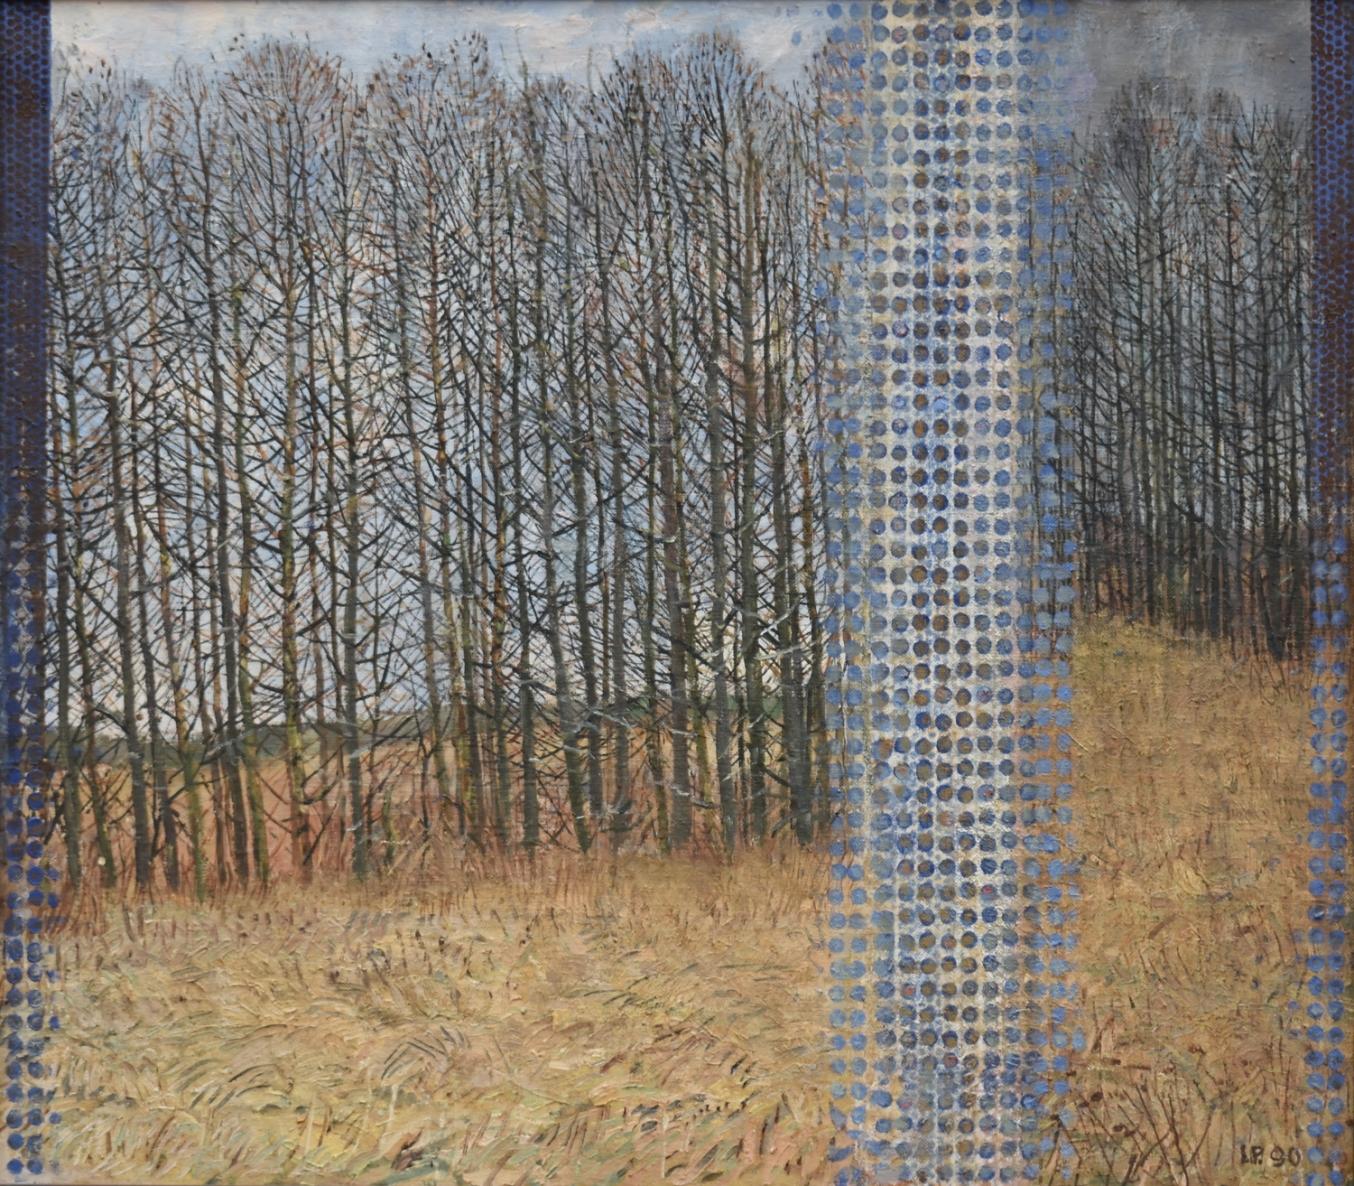 Pavasaris, 1971, 1990, drobė, aliejus, 100x114cm